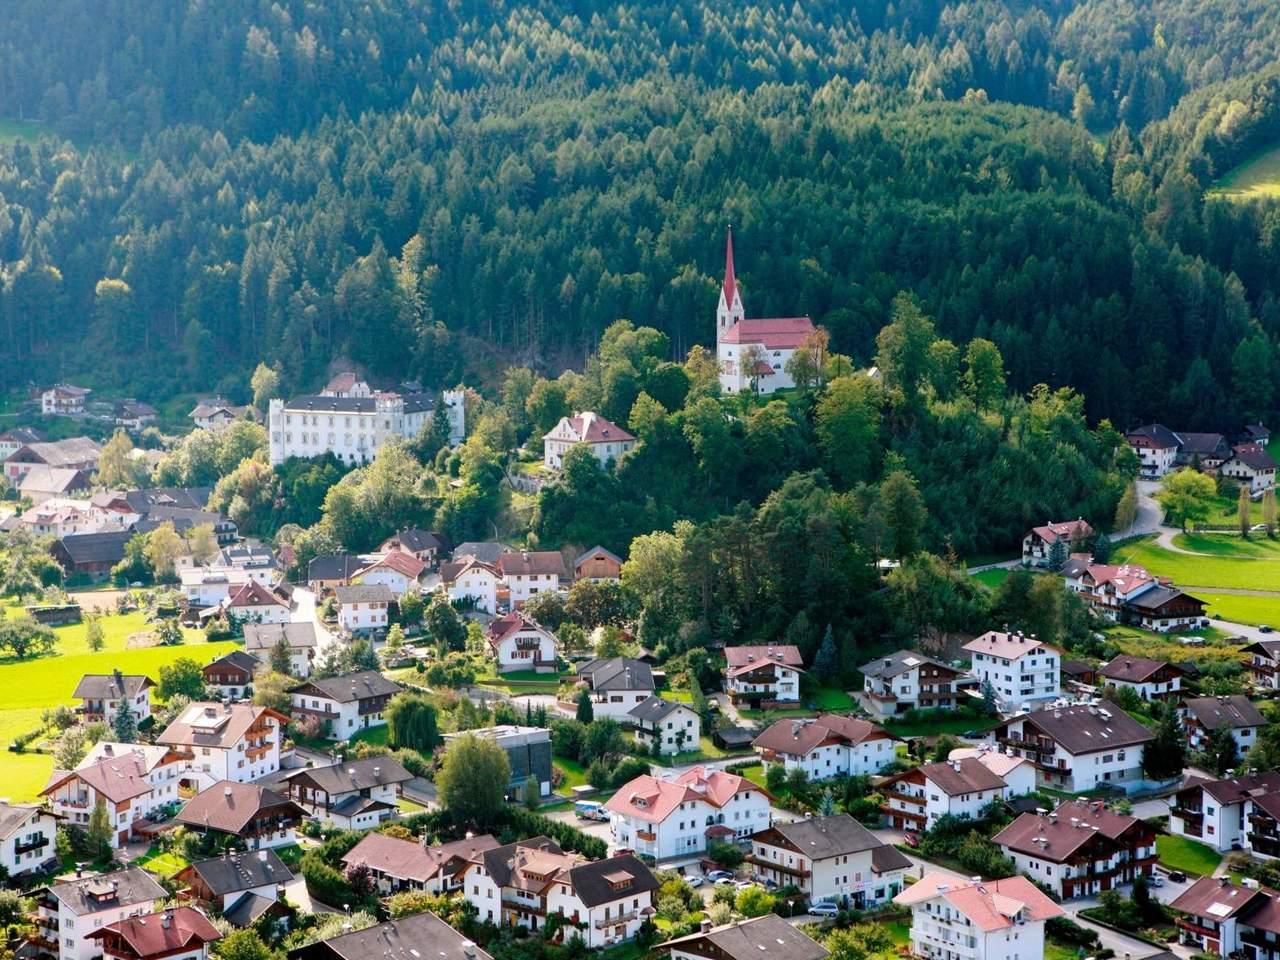 Chienes Vacanze A Chienes Alto Adige